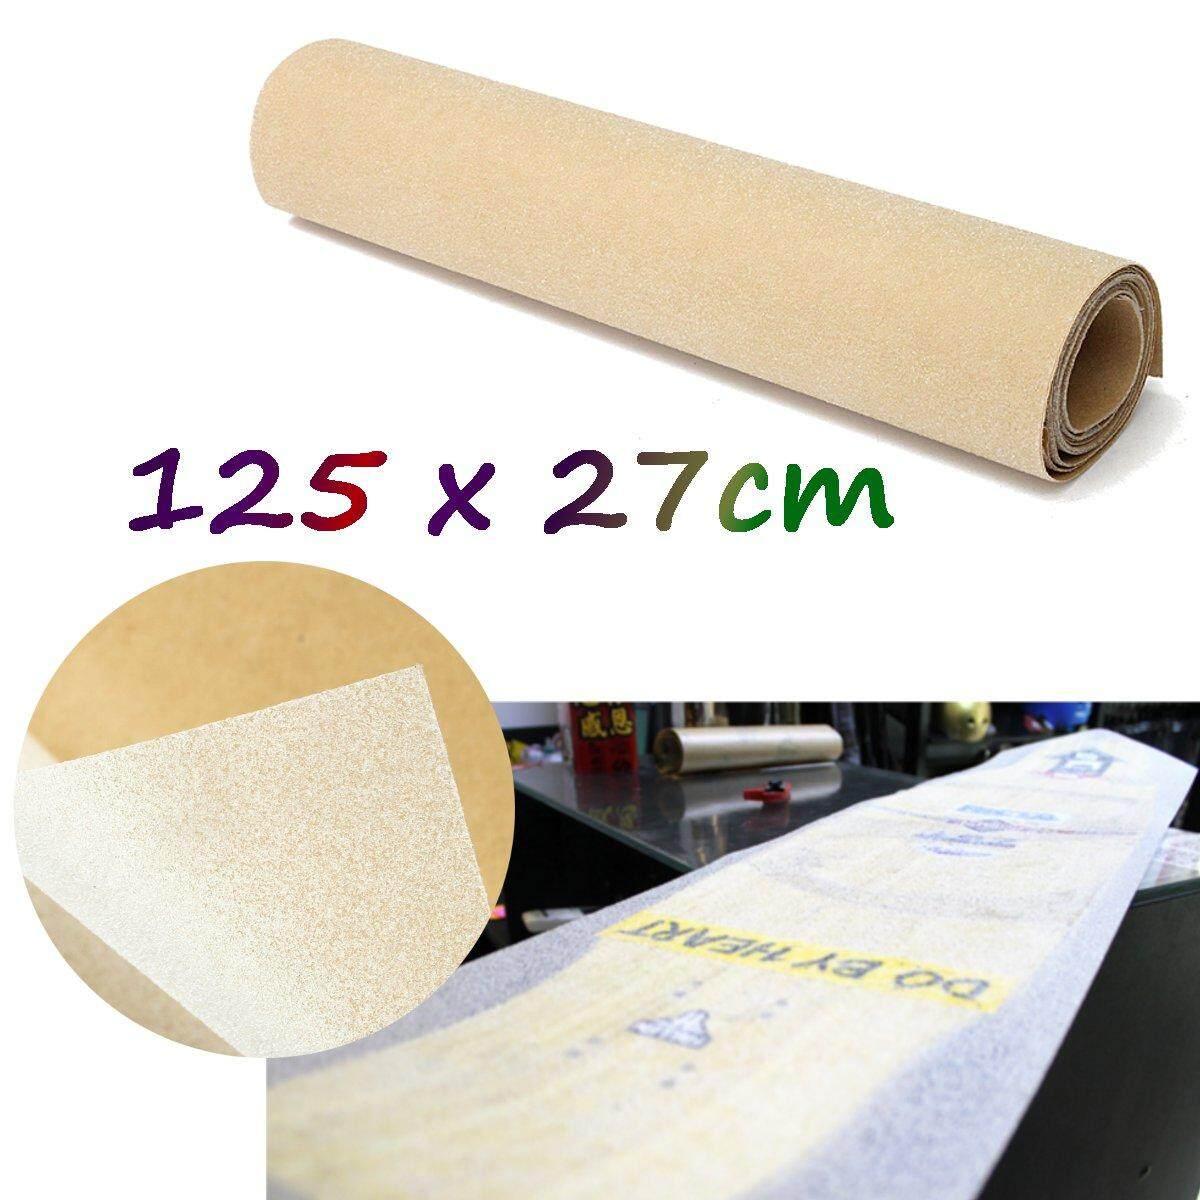 PVC 50 x 10 Longboard Skateboard Griptape Thickened Grip Tape Sheet Clear